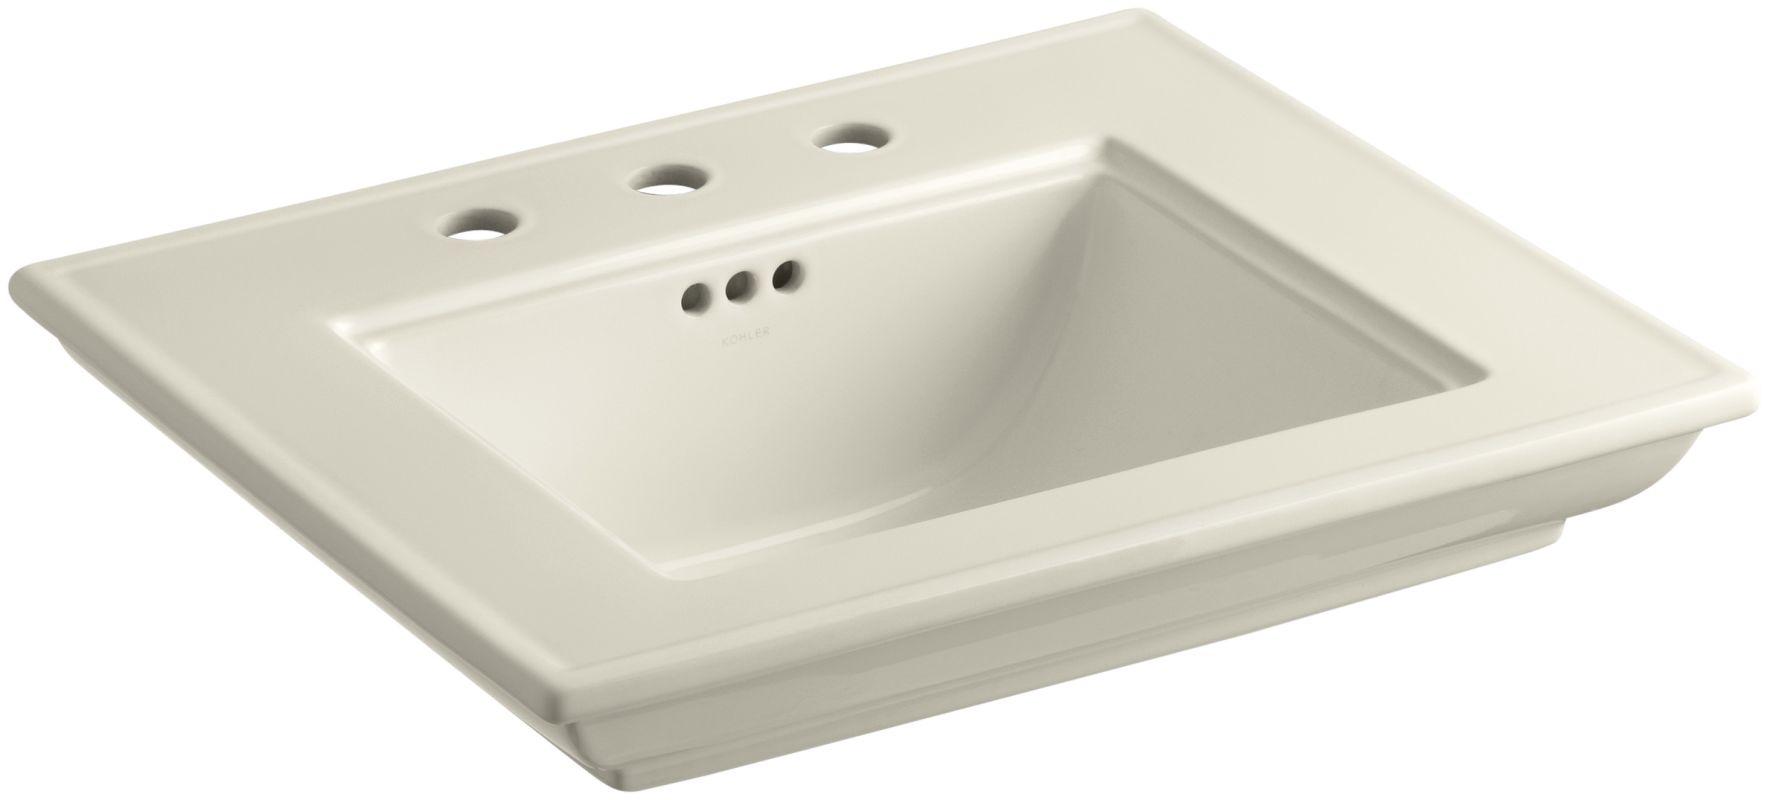 Wide Base Pedestal Sink : The Kohler K-2345-8 has a 30